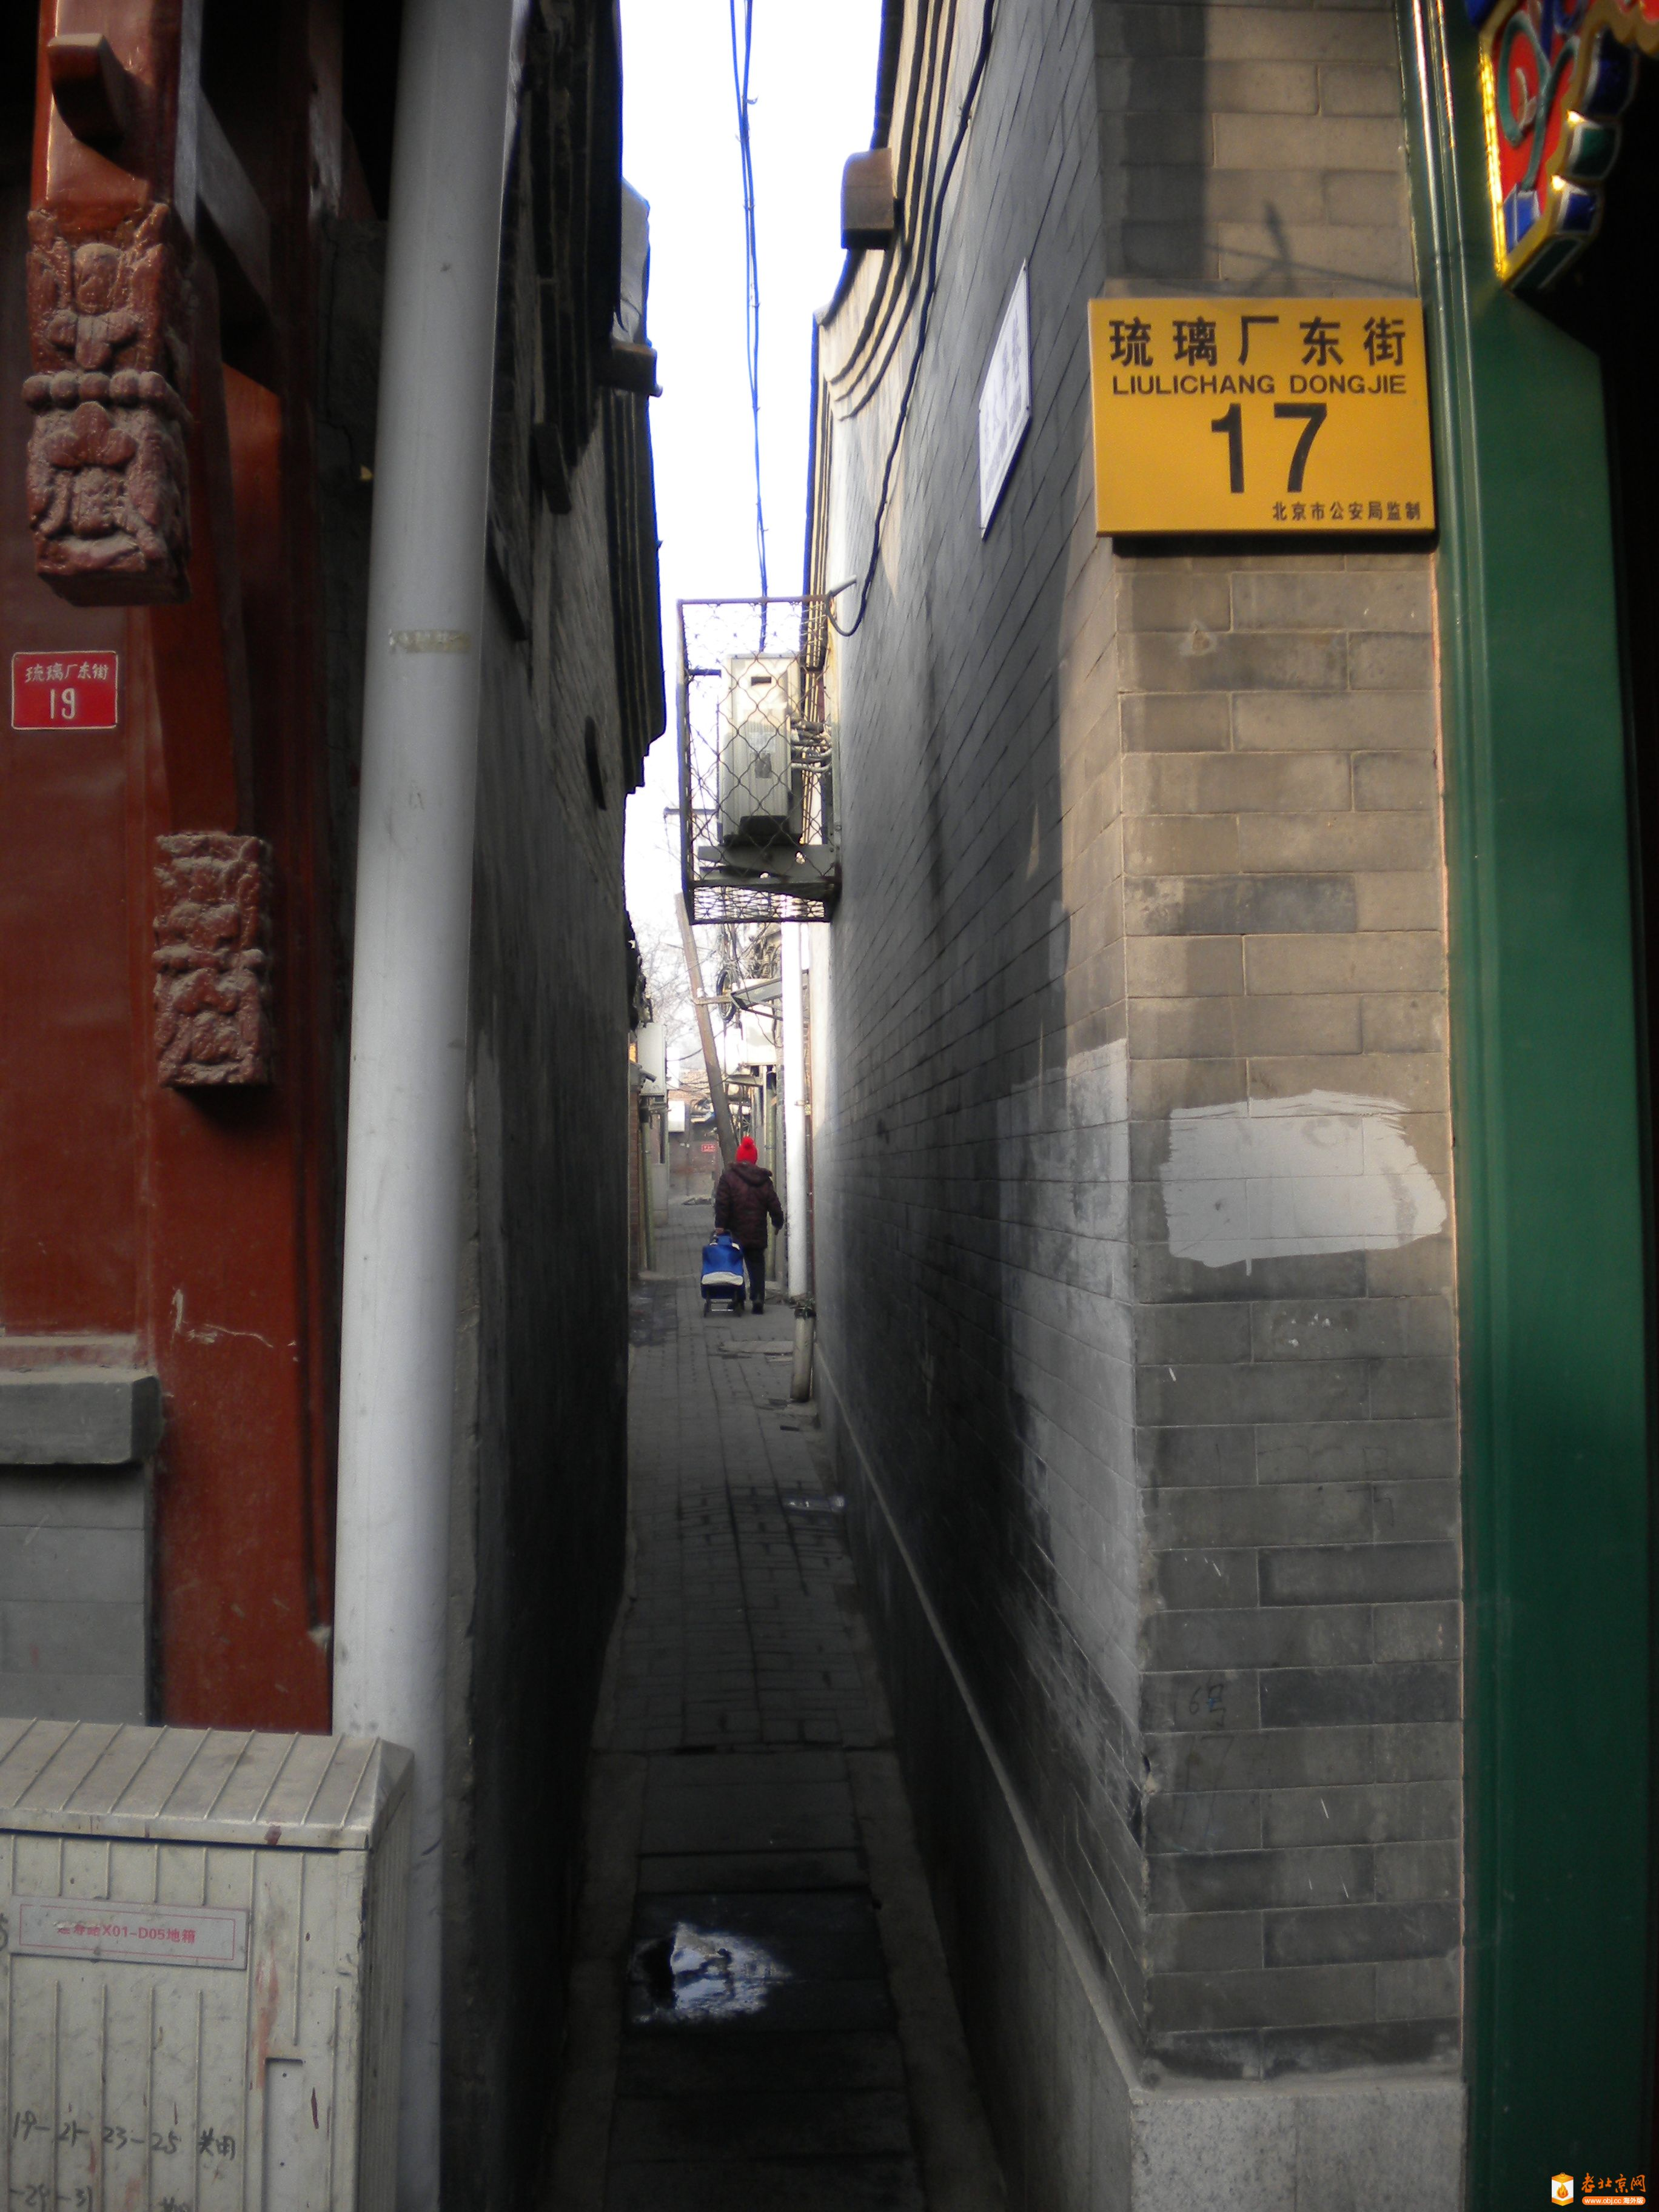 2013年2月13日(癸巳年正月初四)下午,从东琉璃厂东段拍摄的东太平巷南口⑵